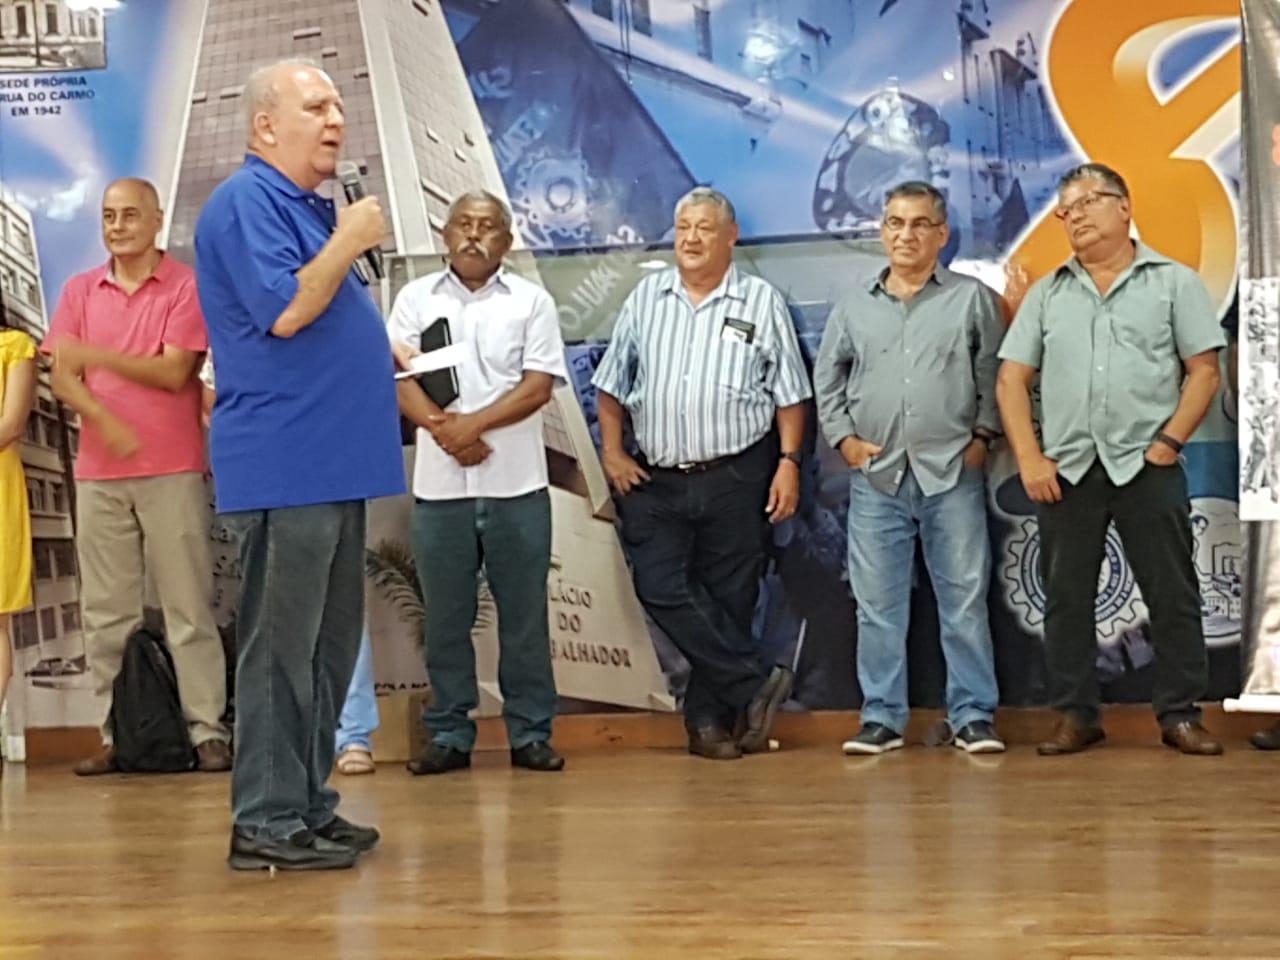 Sindicato dos Metalúrgicos lança exposição fotográfica em comemoração aos 86 anos da entidade